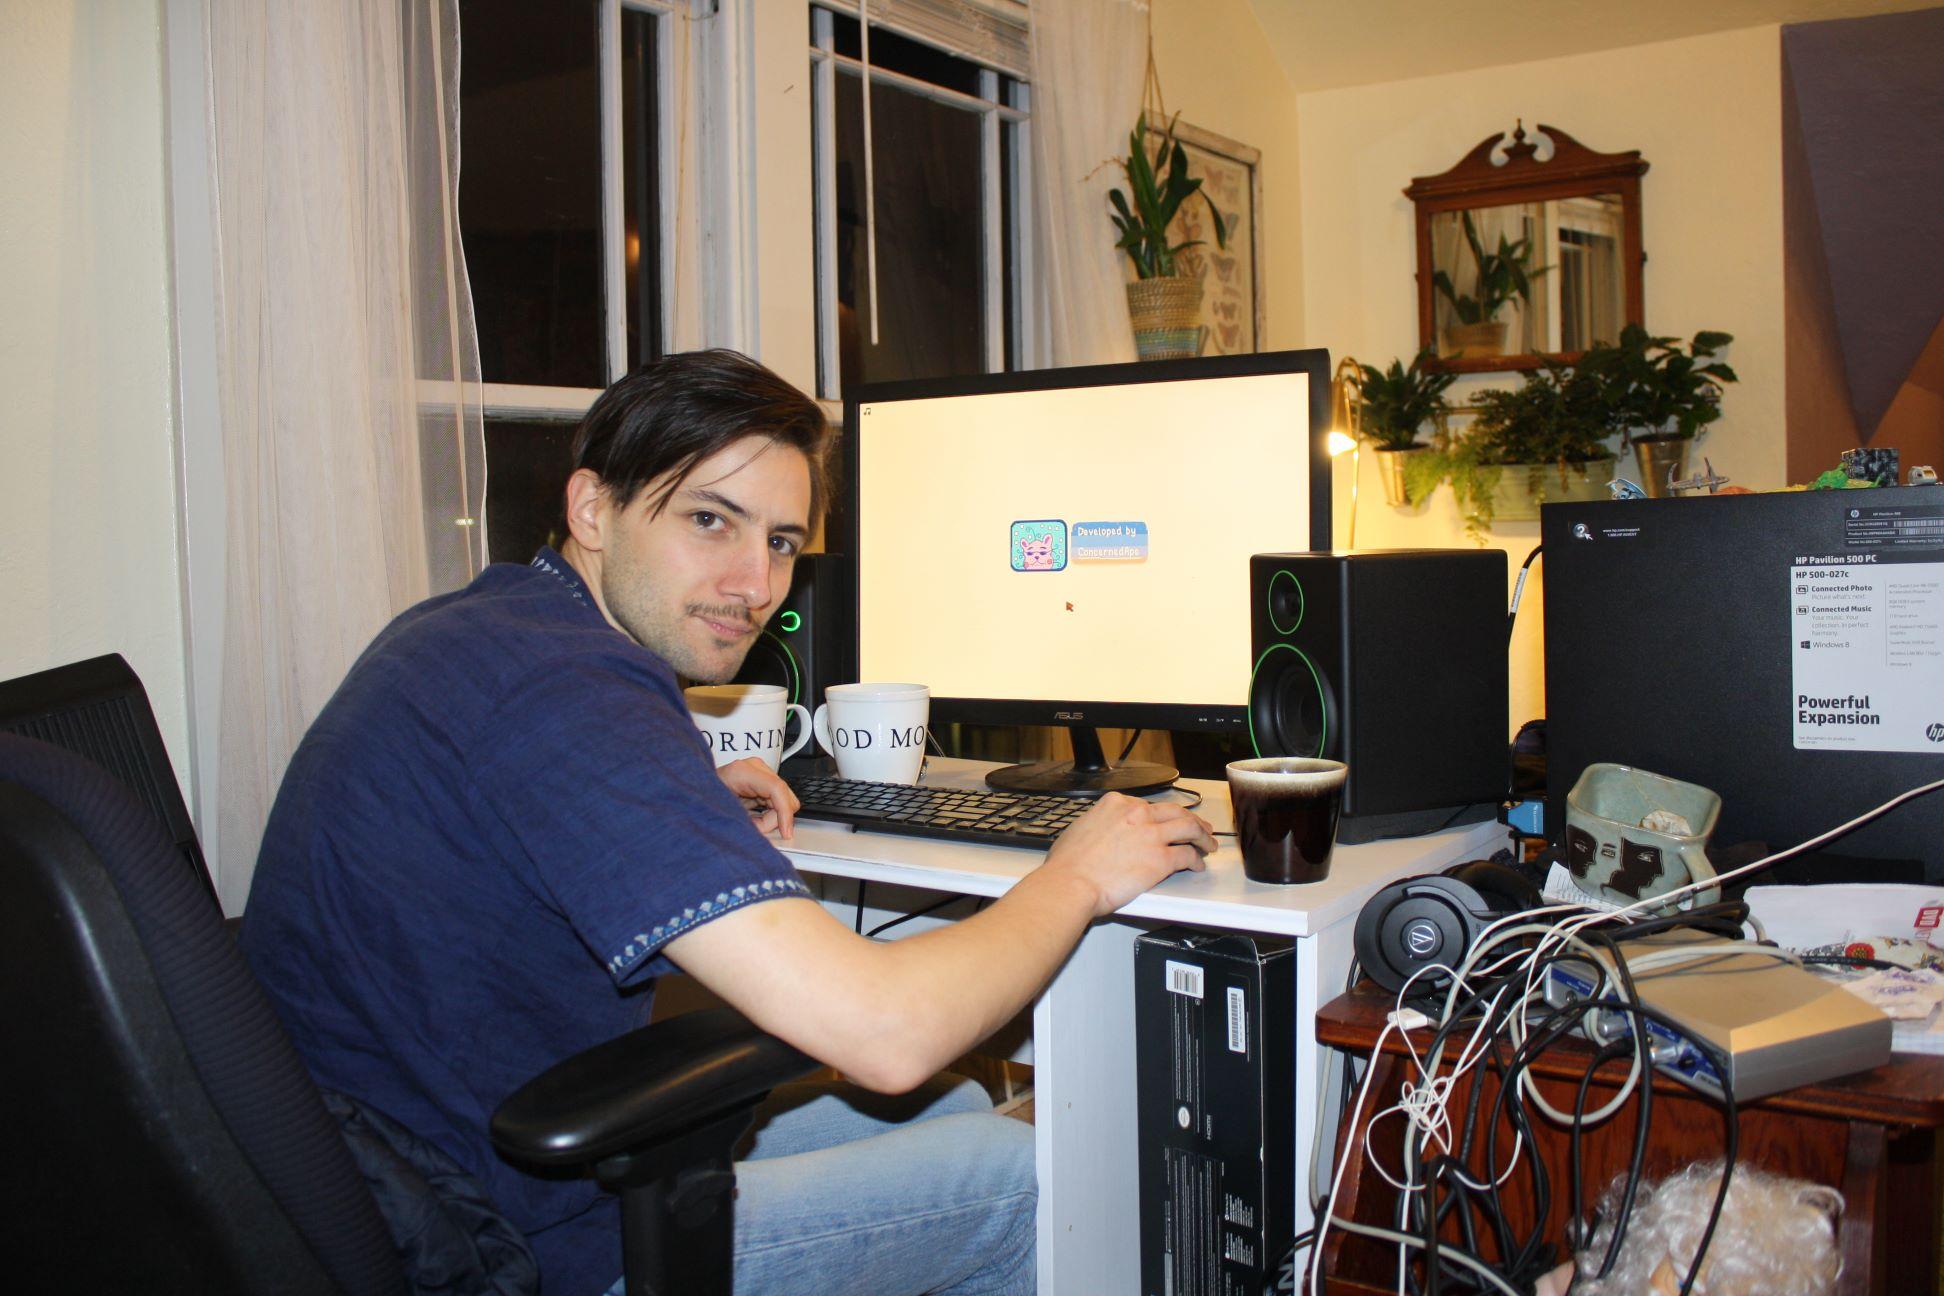 Eric Barone n'avait jamais fait de jeu vidéo quand il a commencé à travailler seul sur Stardew Valley. Après quatre ans de labeur, son jeu s'est vendu à un demi-million d'exemplaires en quelques semaines.